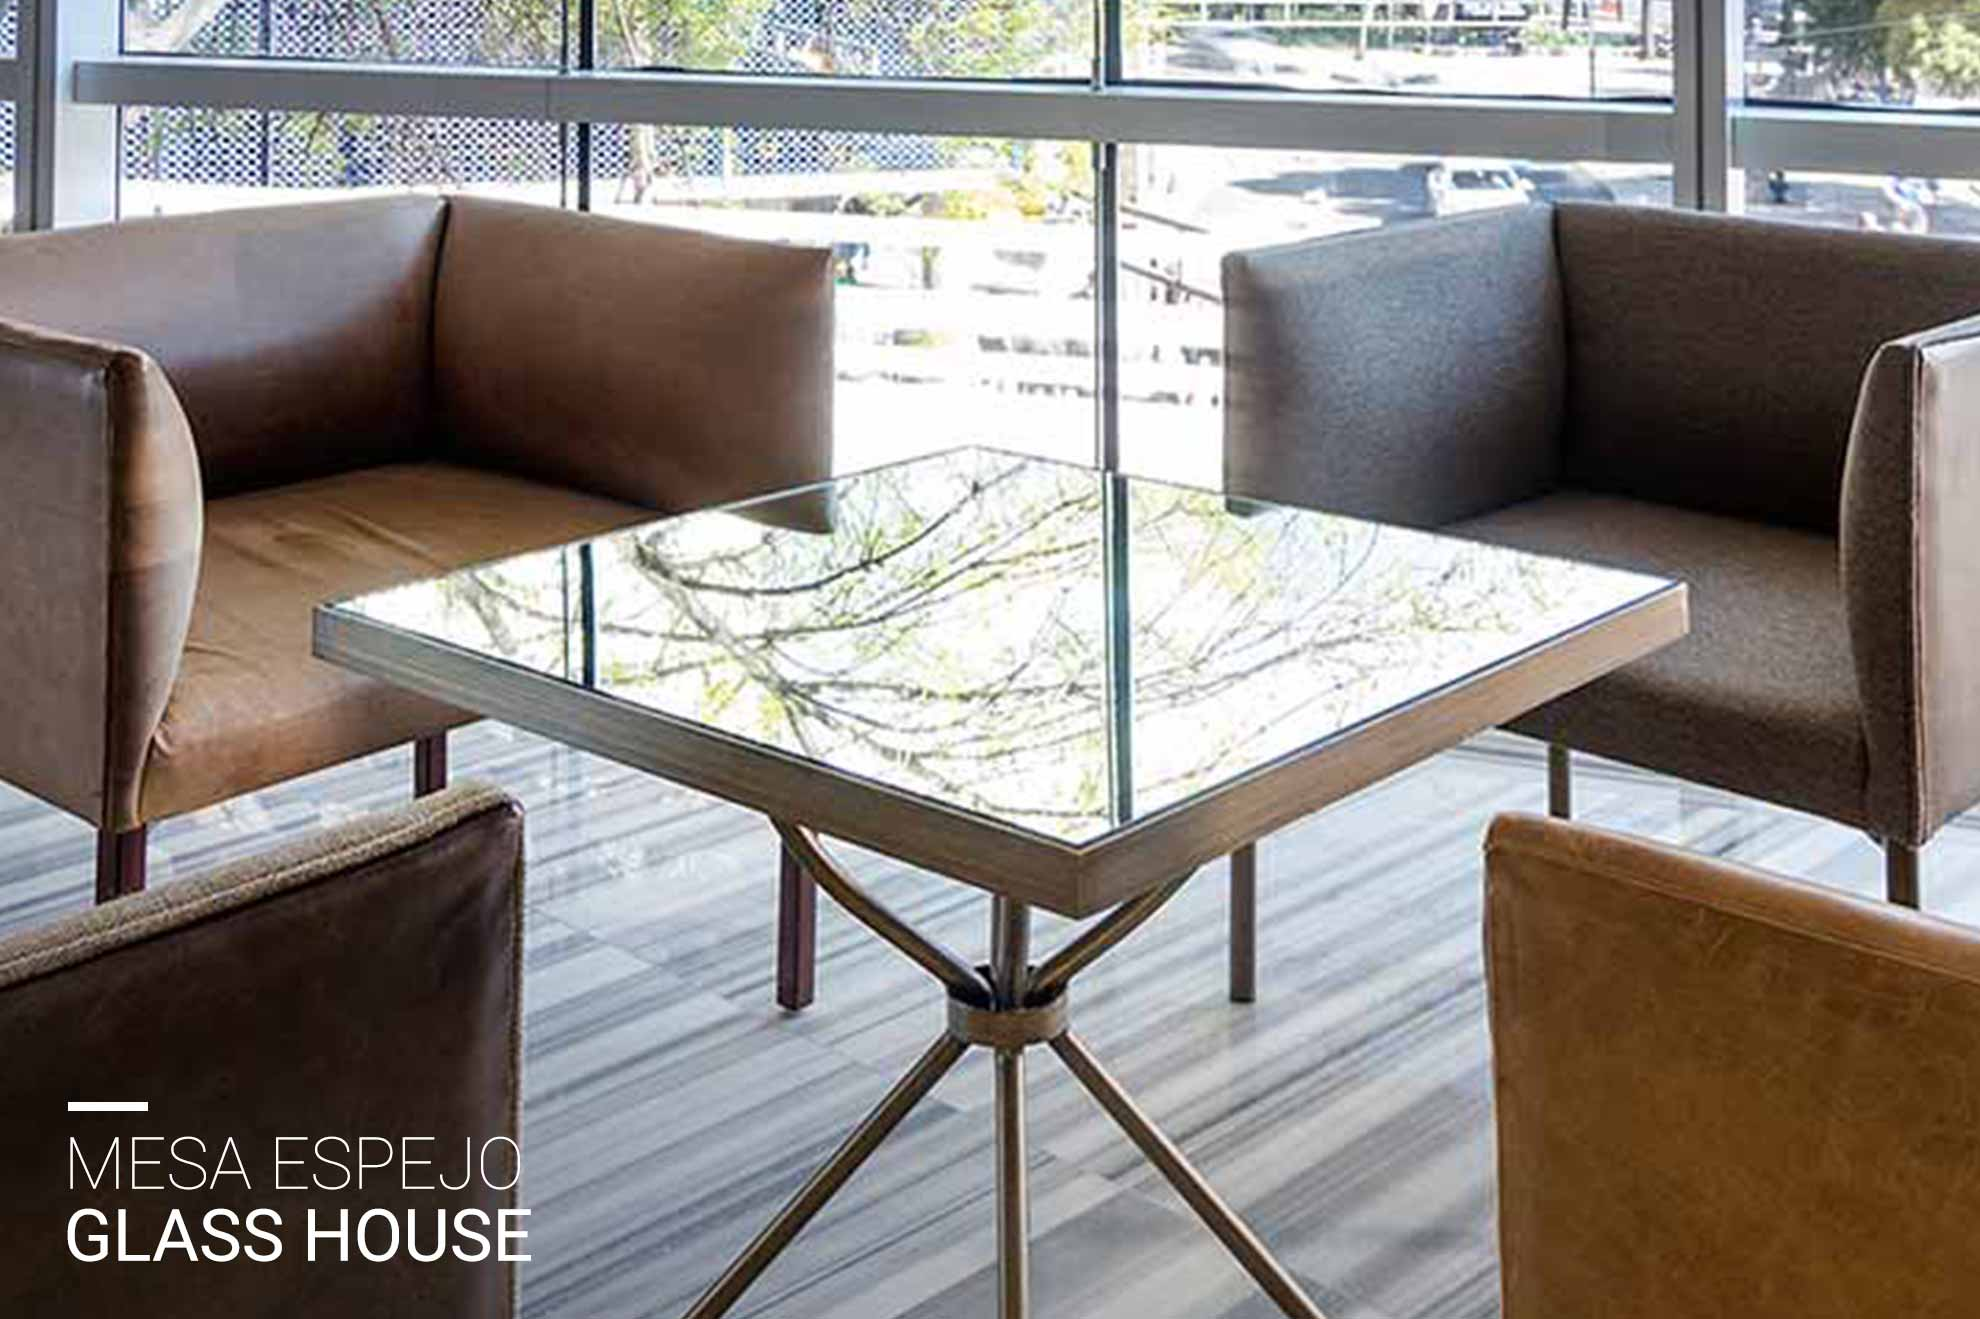 Esta pieza se encuentra en el salon de Te Damman en el Glass House de St.Regis Mexico es una pieza creada por Depa102